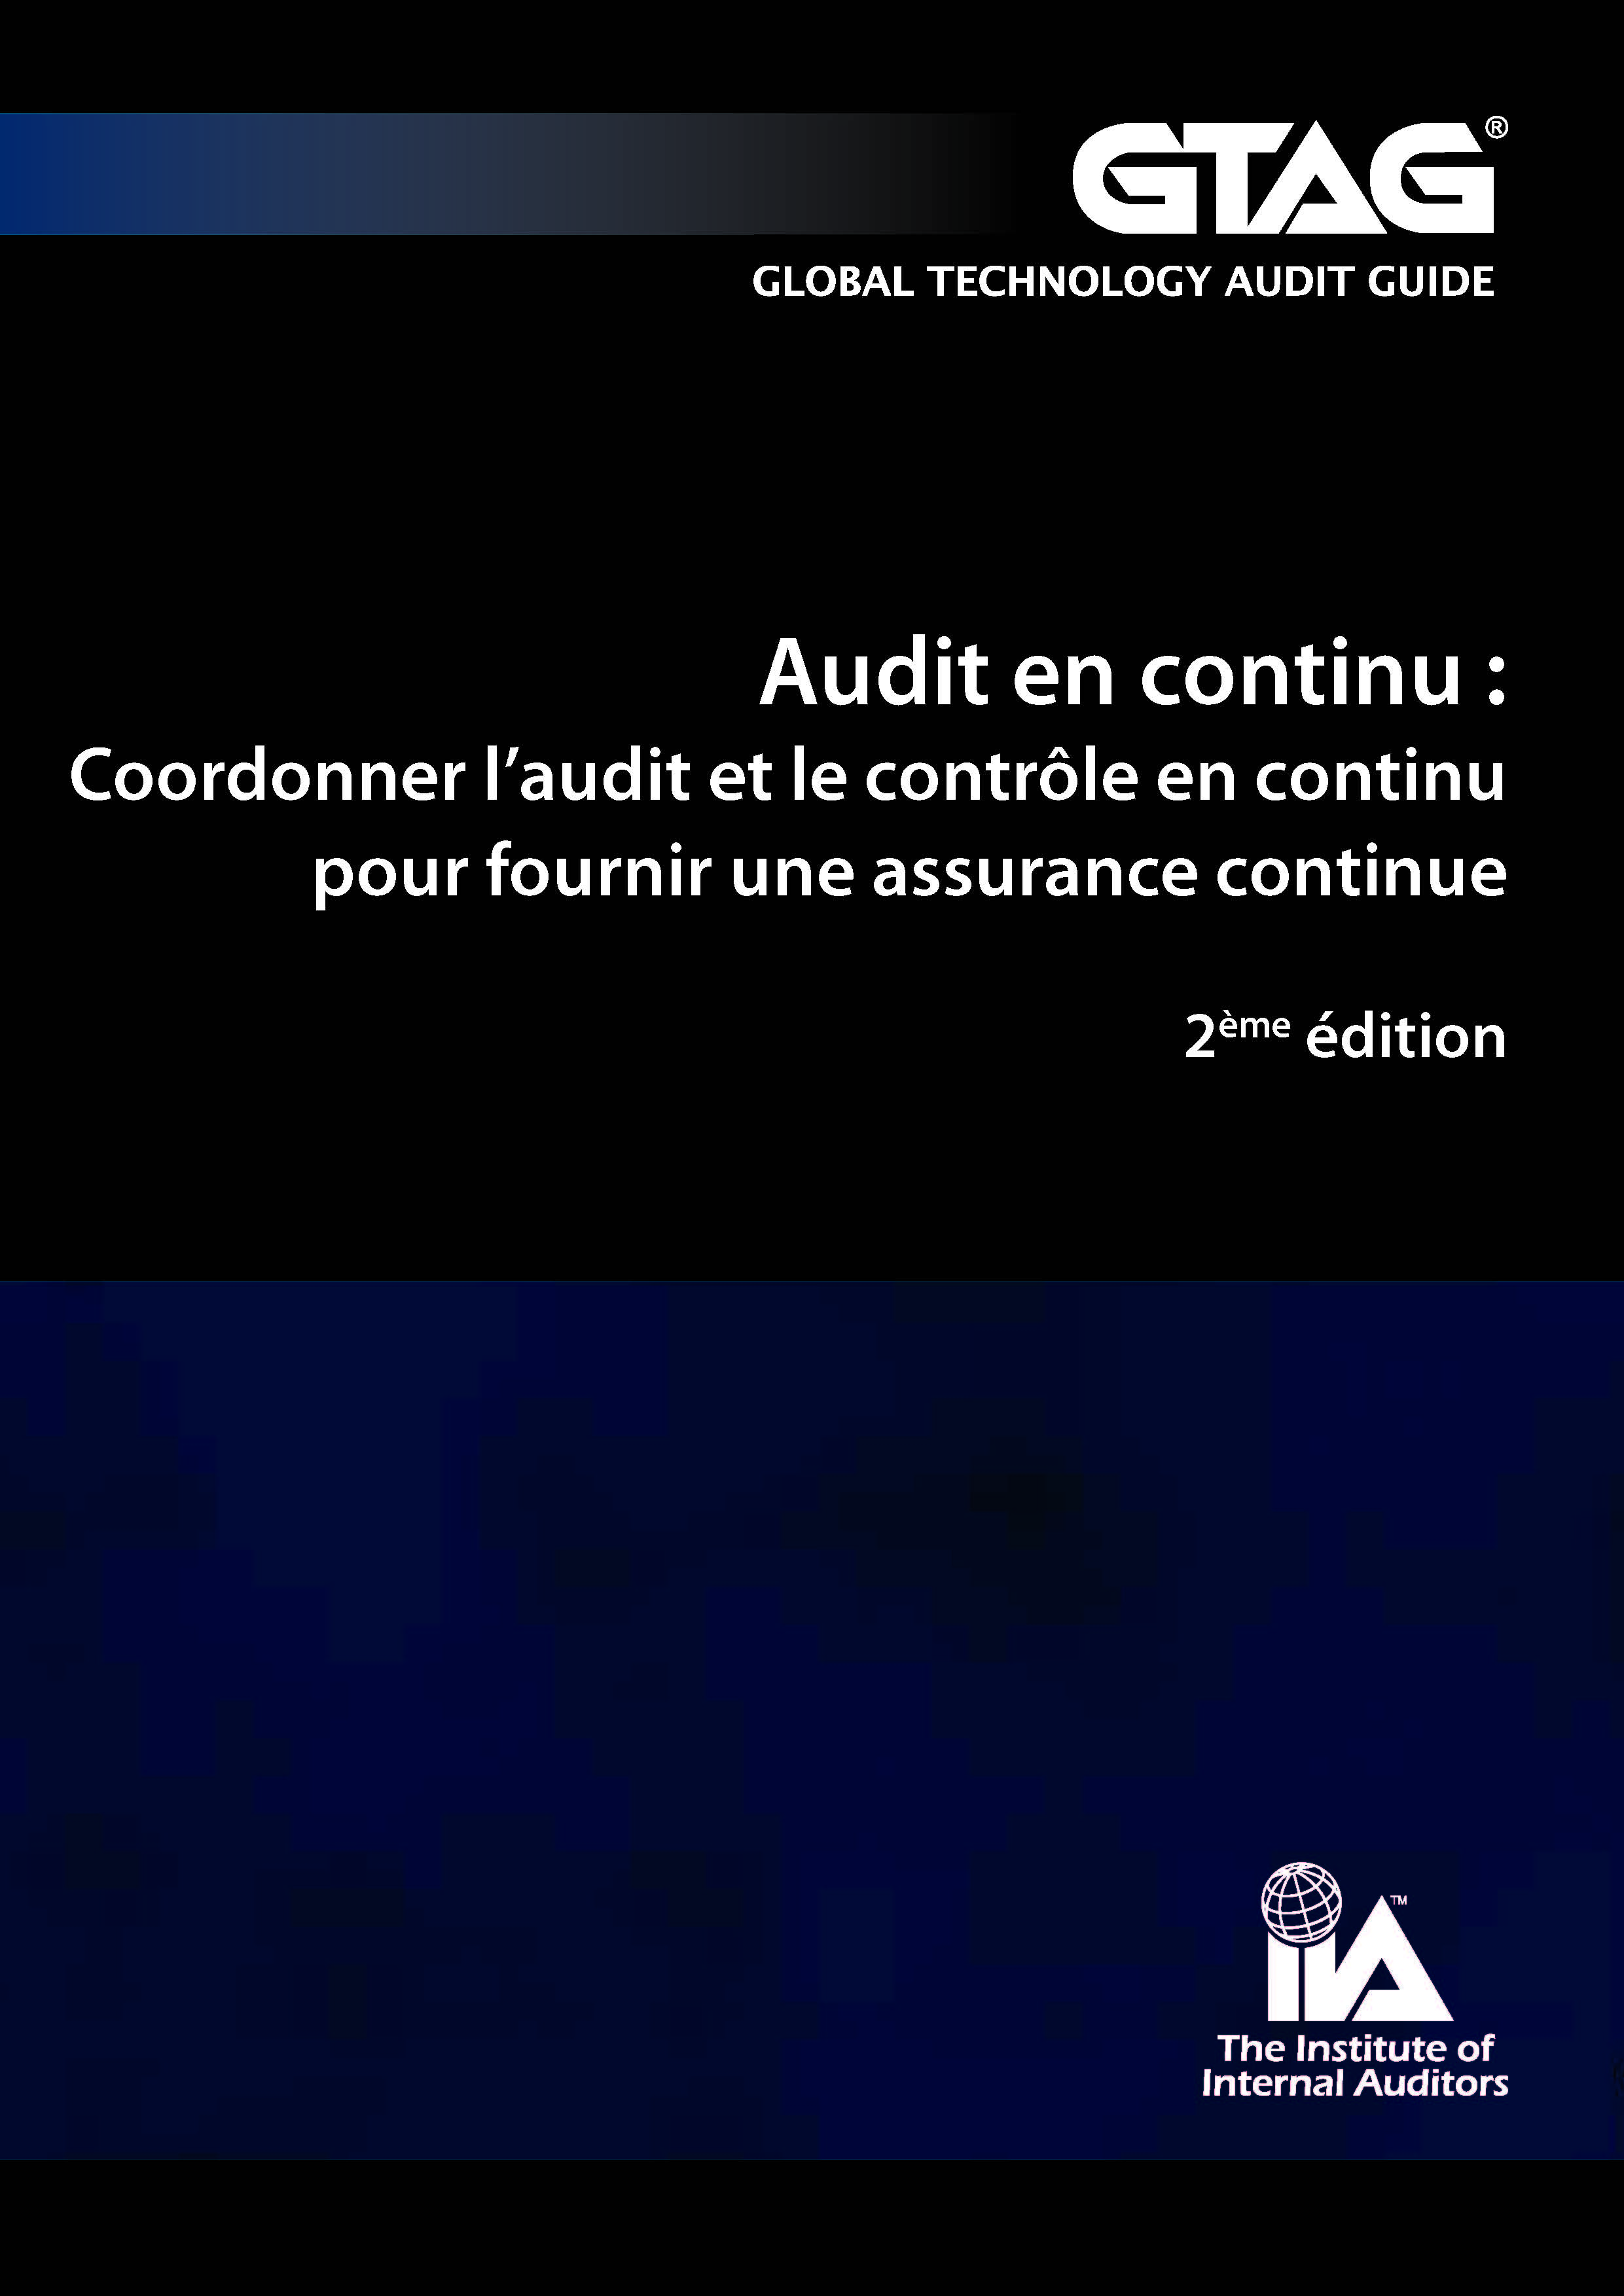 Audit en continu : Coordonner l'audit et le contrôle en continu pour founir une assurance continue (2ème édition du GTAG 3)